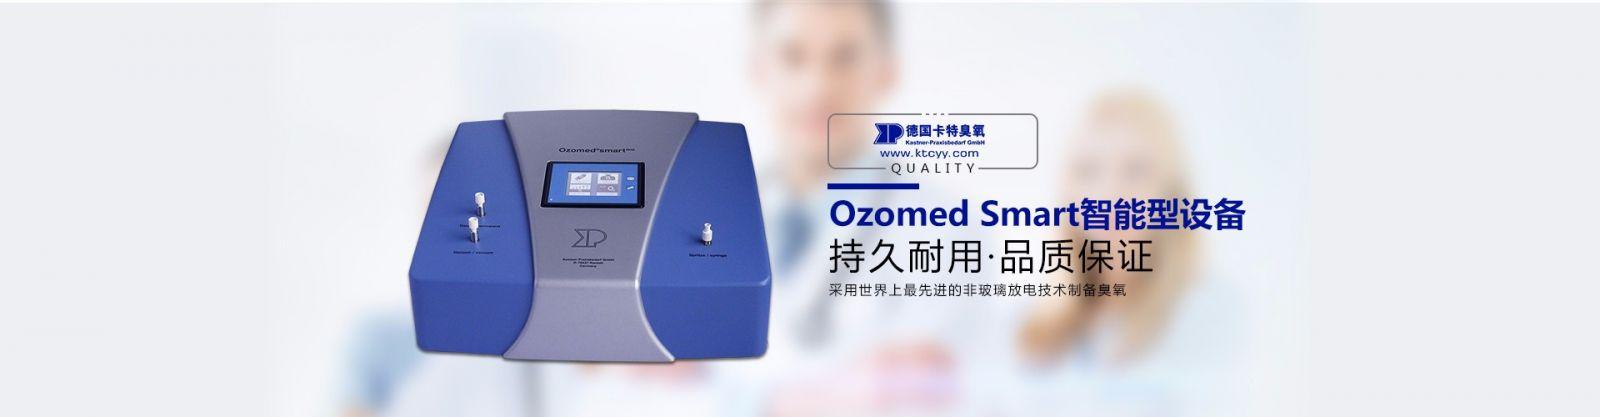 蓝氧治疗仪型号;蓝氧治疗仪;新宝6娱乐用户注册登录治疗仪